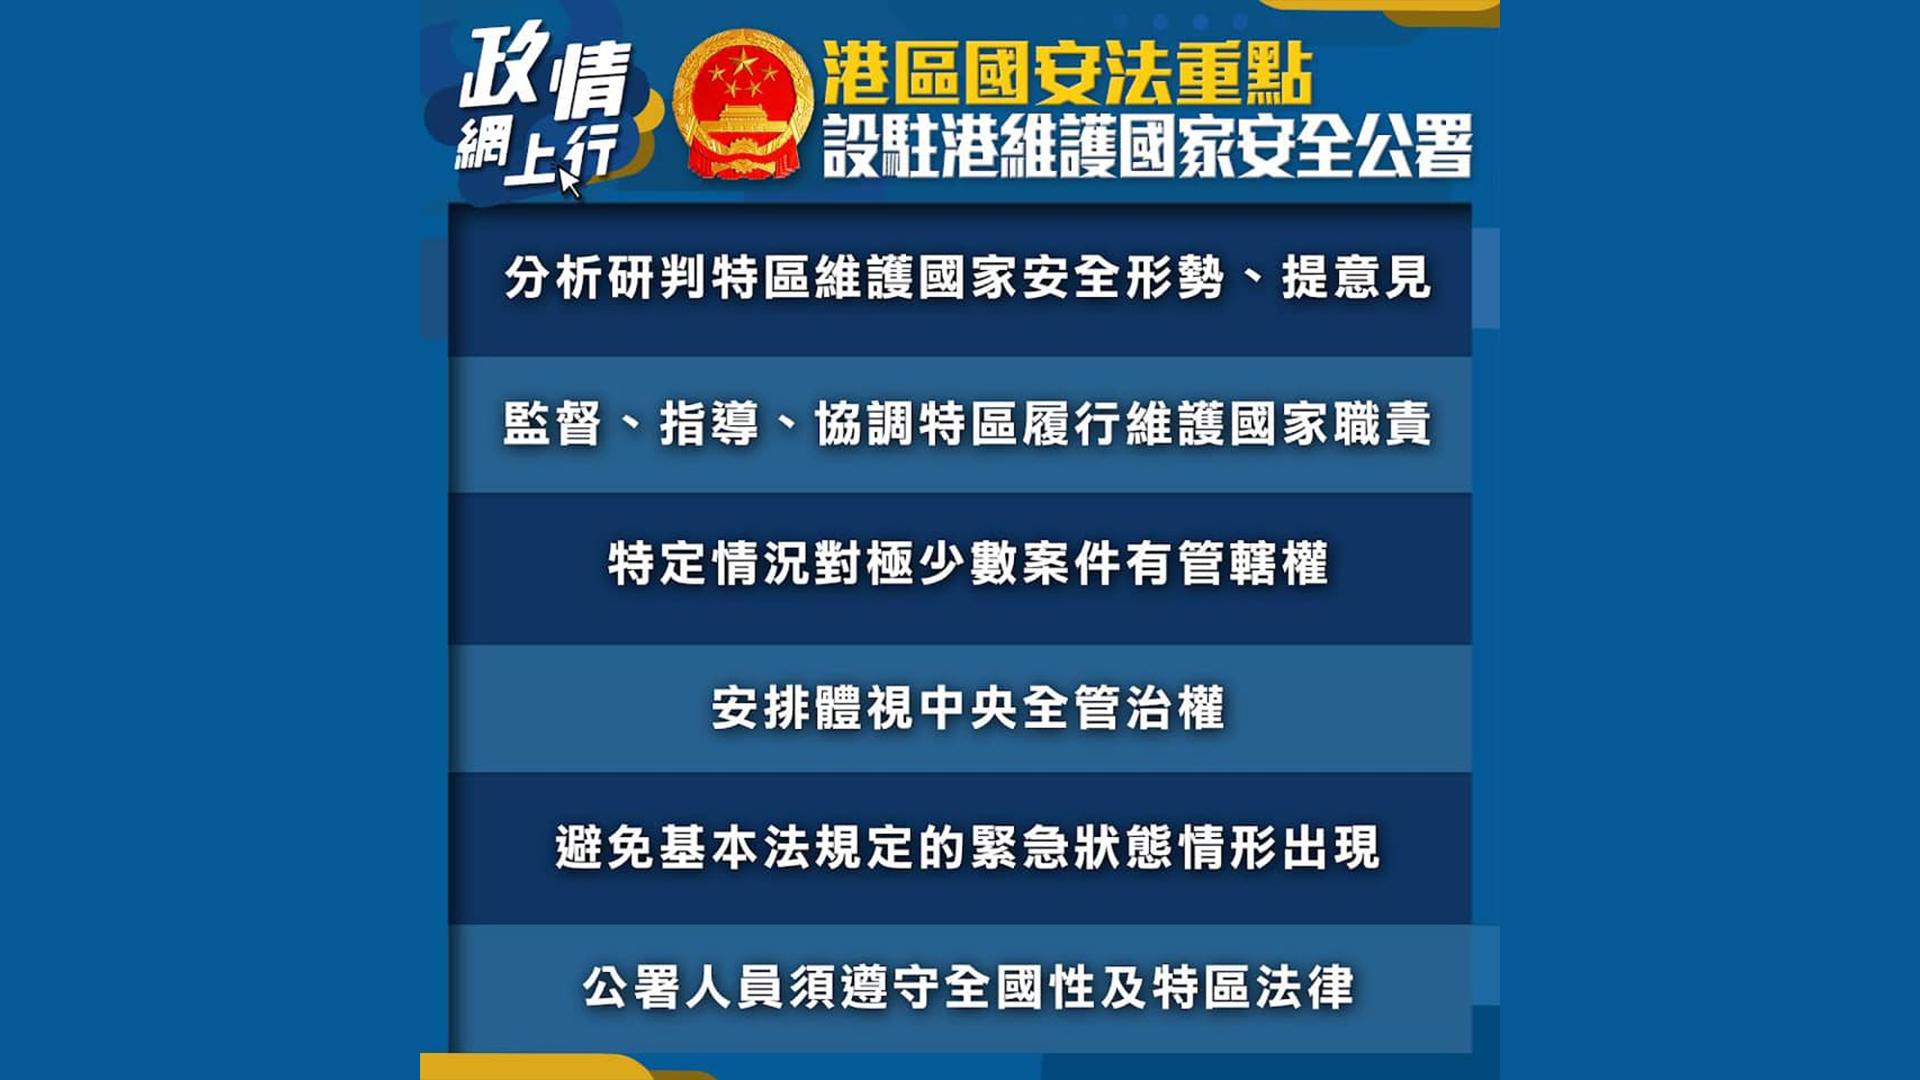 【政情網上行】港區國安法重點 設駐港維護國家安全公署